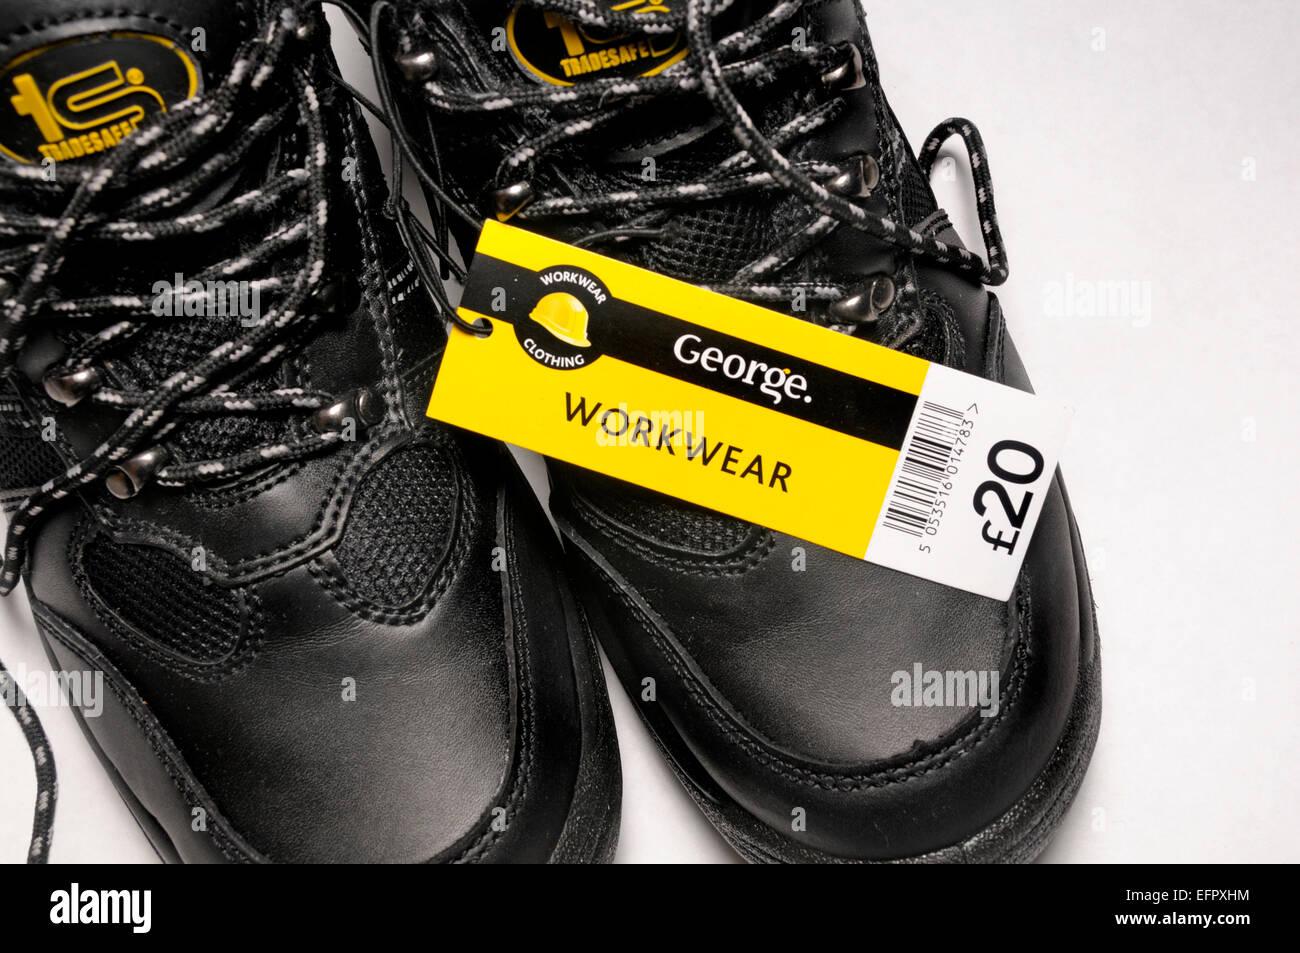 Scarpe a buon mercato (£20) acquistati presso la Asda (UK) Immagini 154ebb5ad08